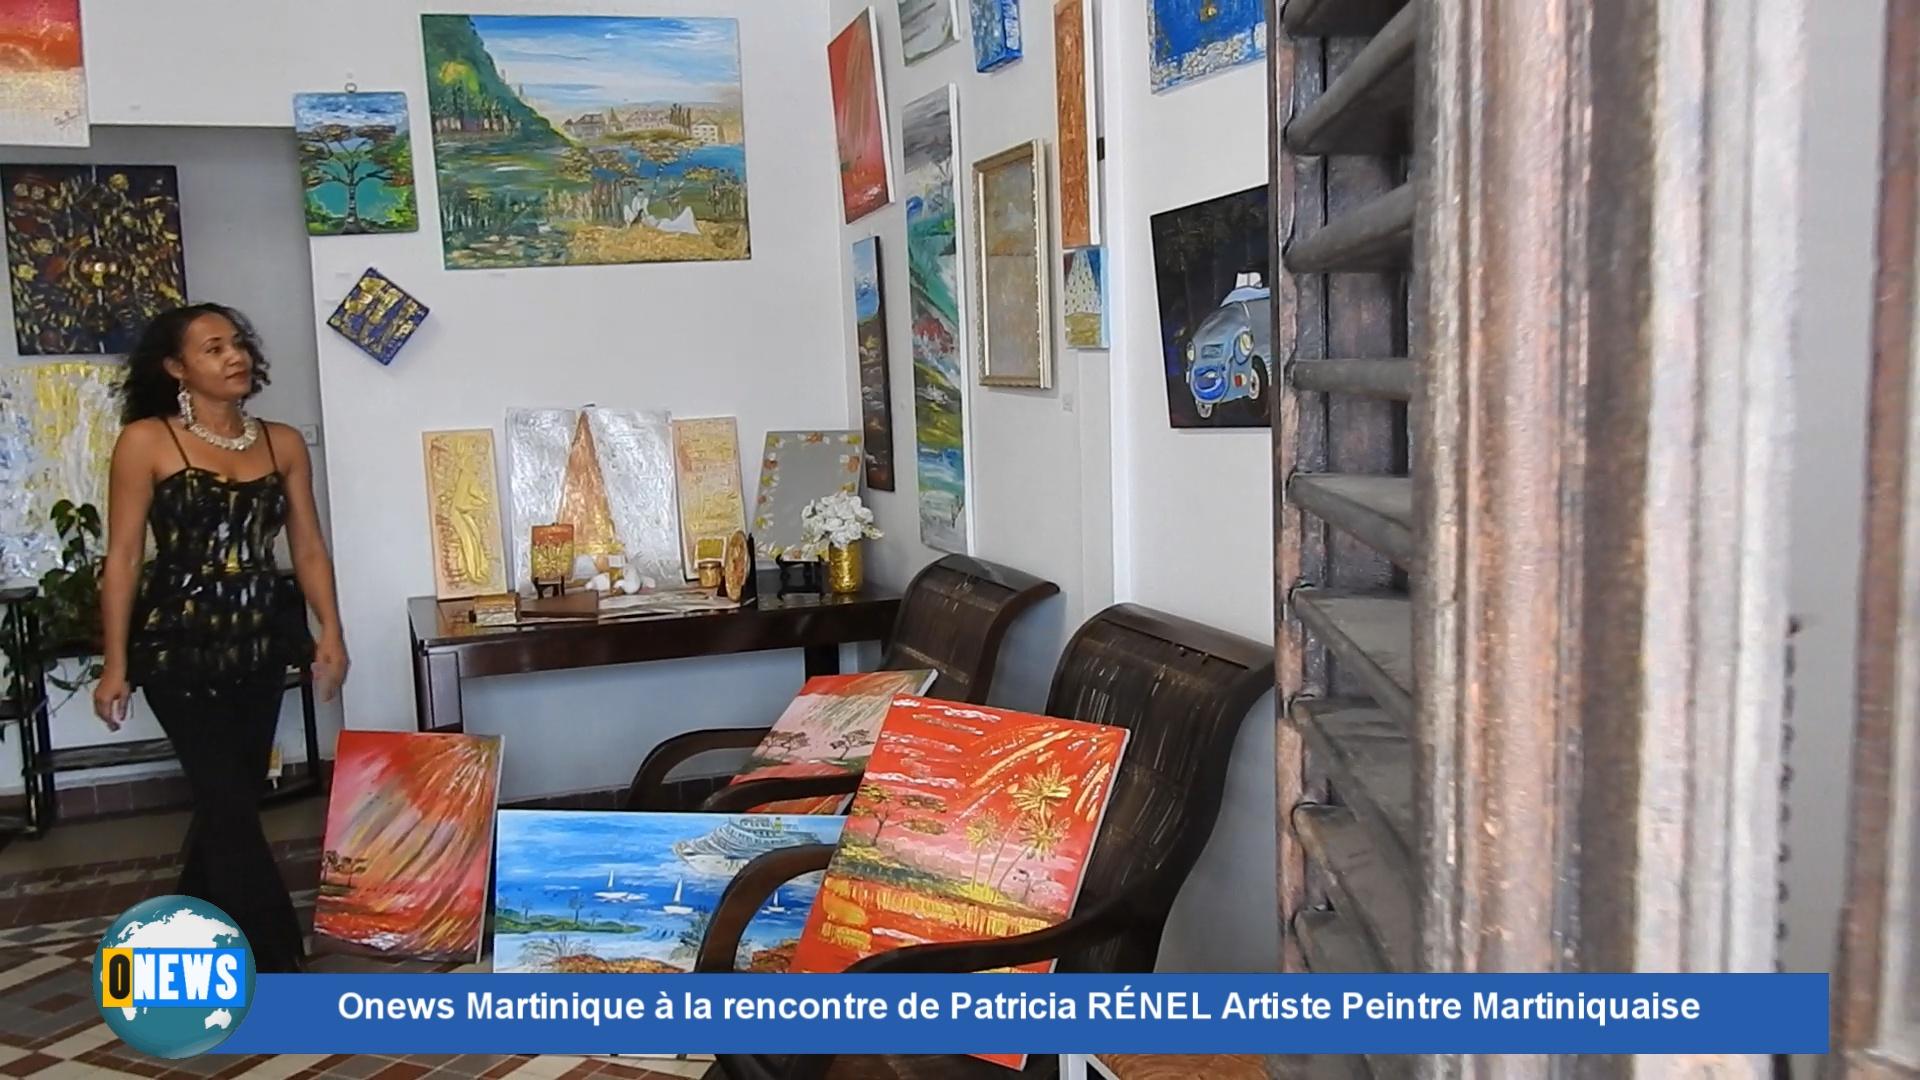 [Vidéo] Onews Martinique à la rencontre de Patricia RÉNEL Artiste Peintre Martiniquaise.